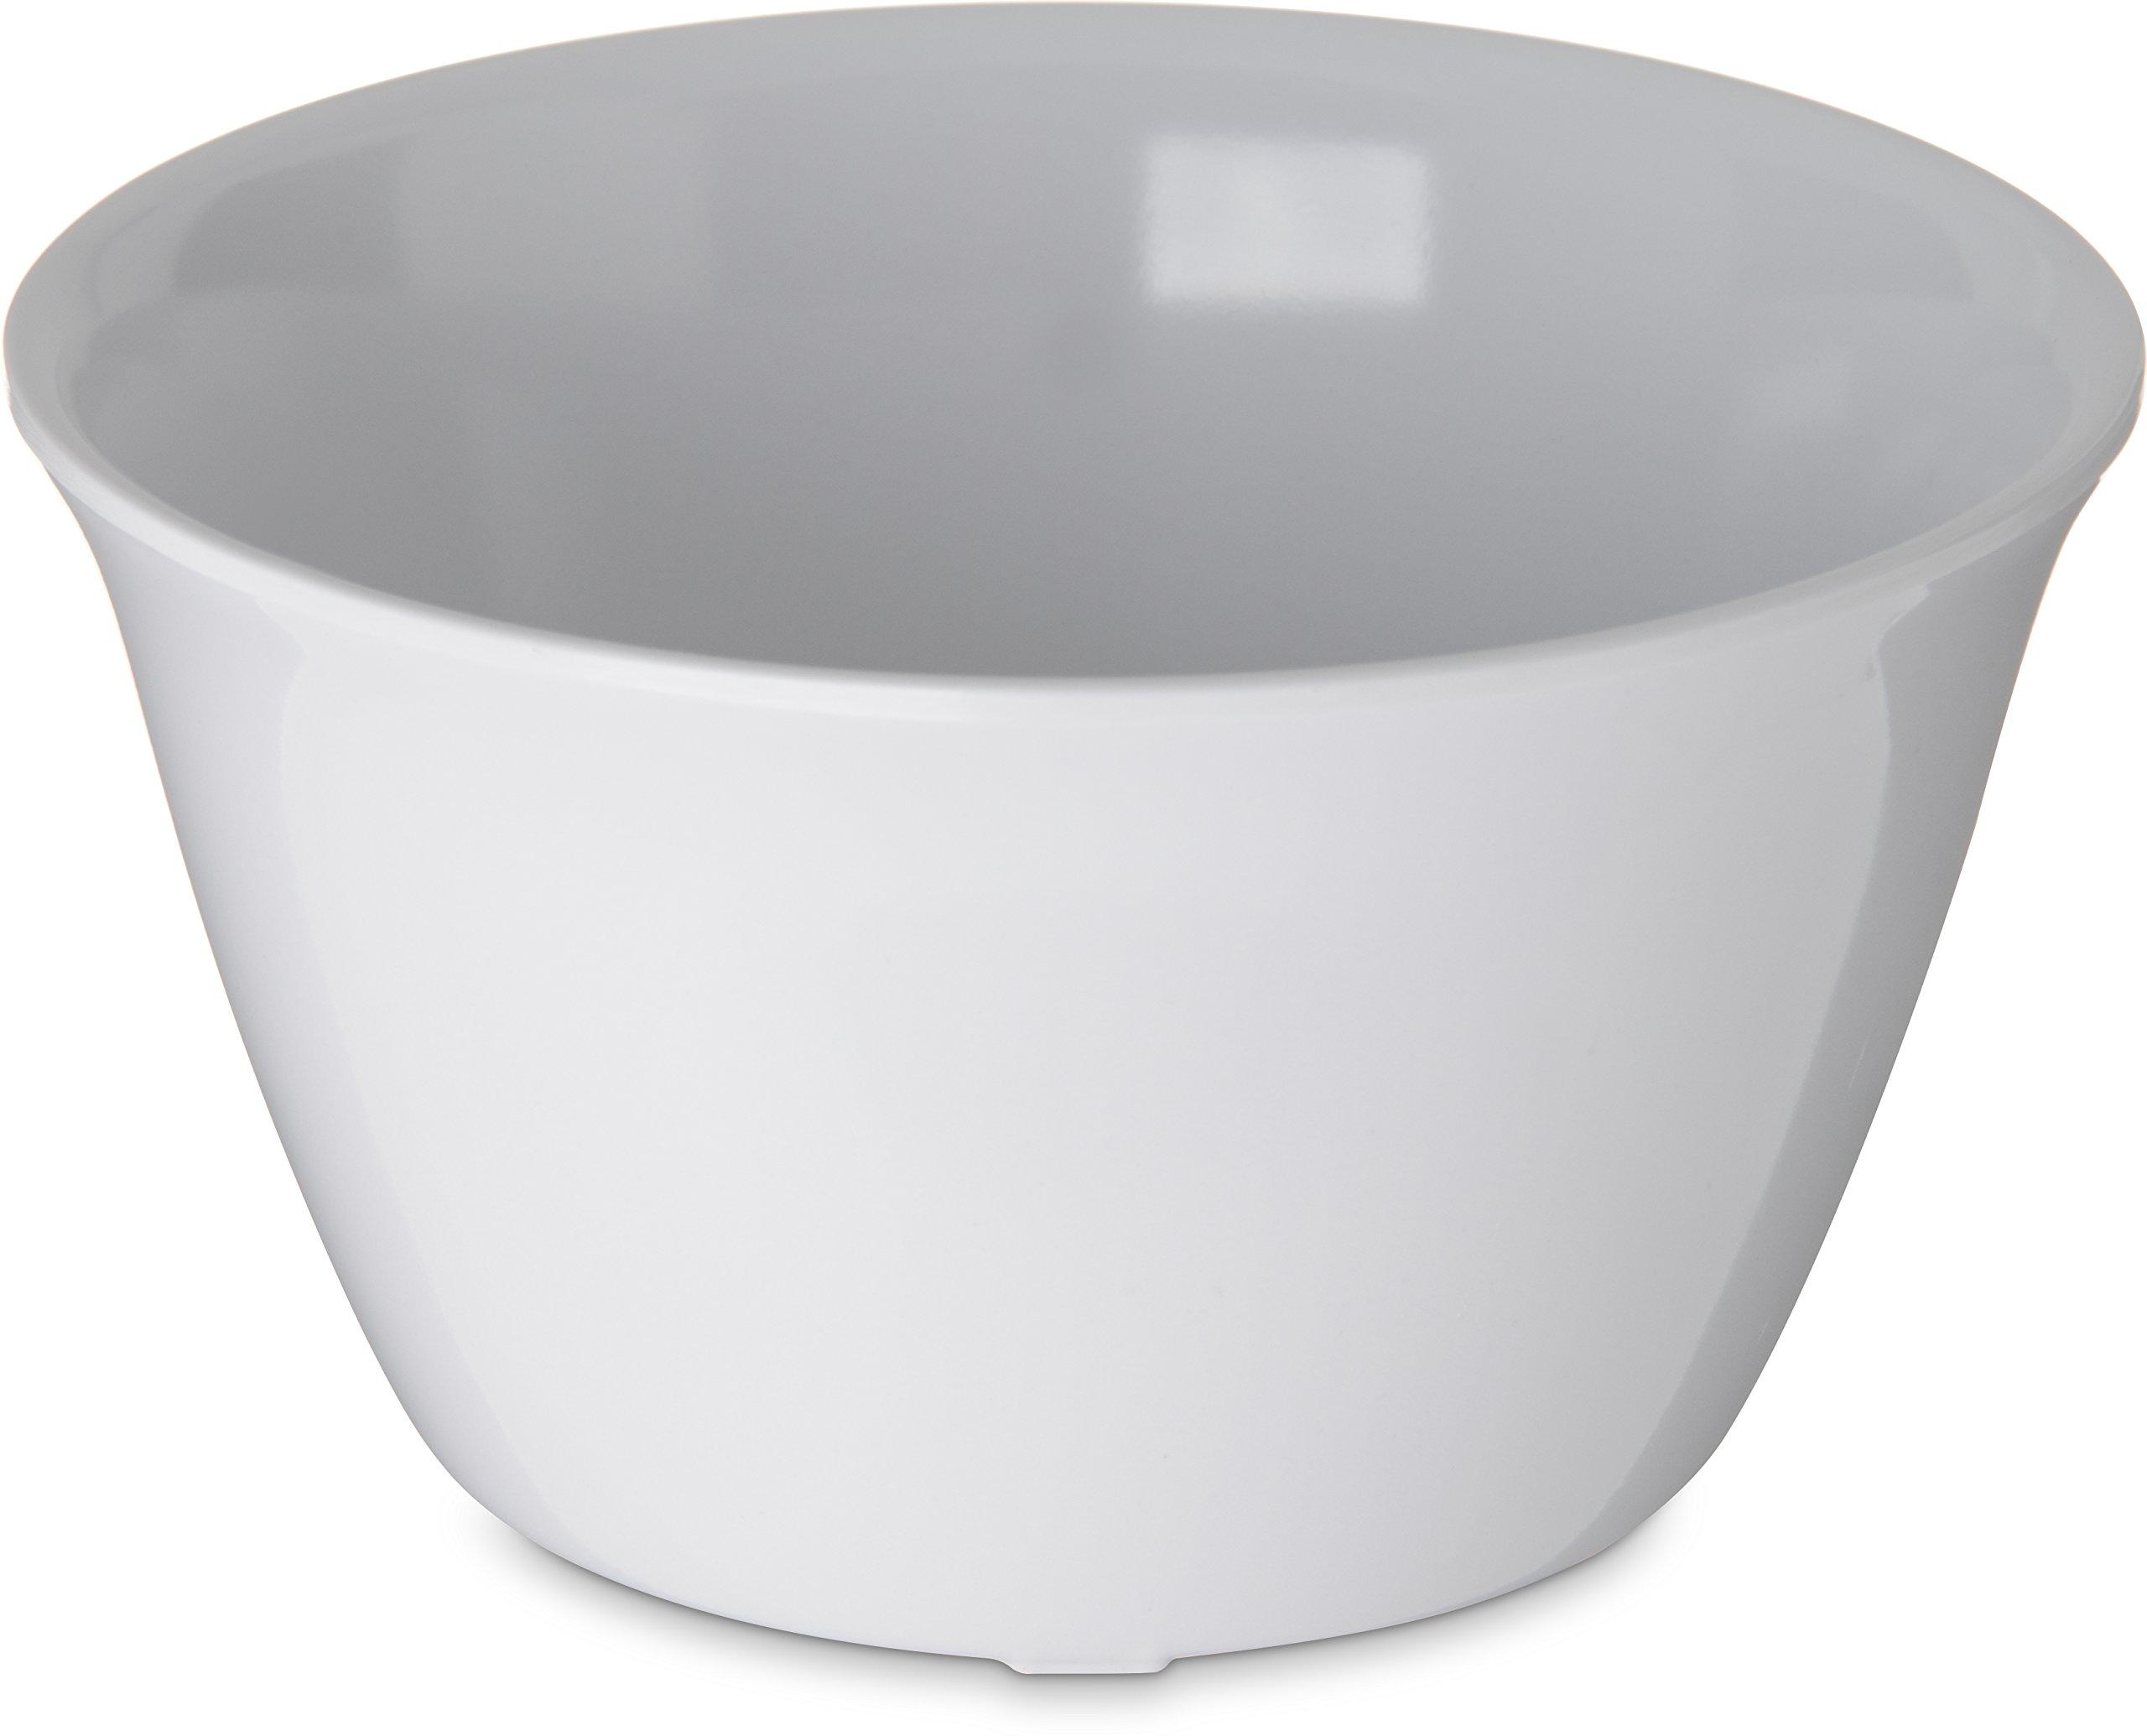 Carlisle 4354002 Dallas Ware Melamine Bouillon Cup, 8-oz. Capacity, 3.84 x 2.15'', White (Case of 24)